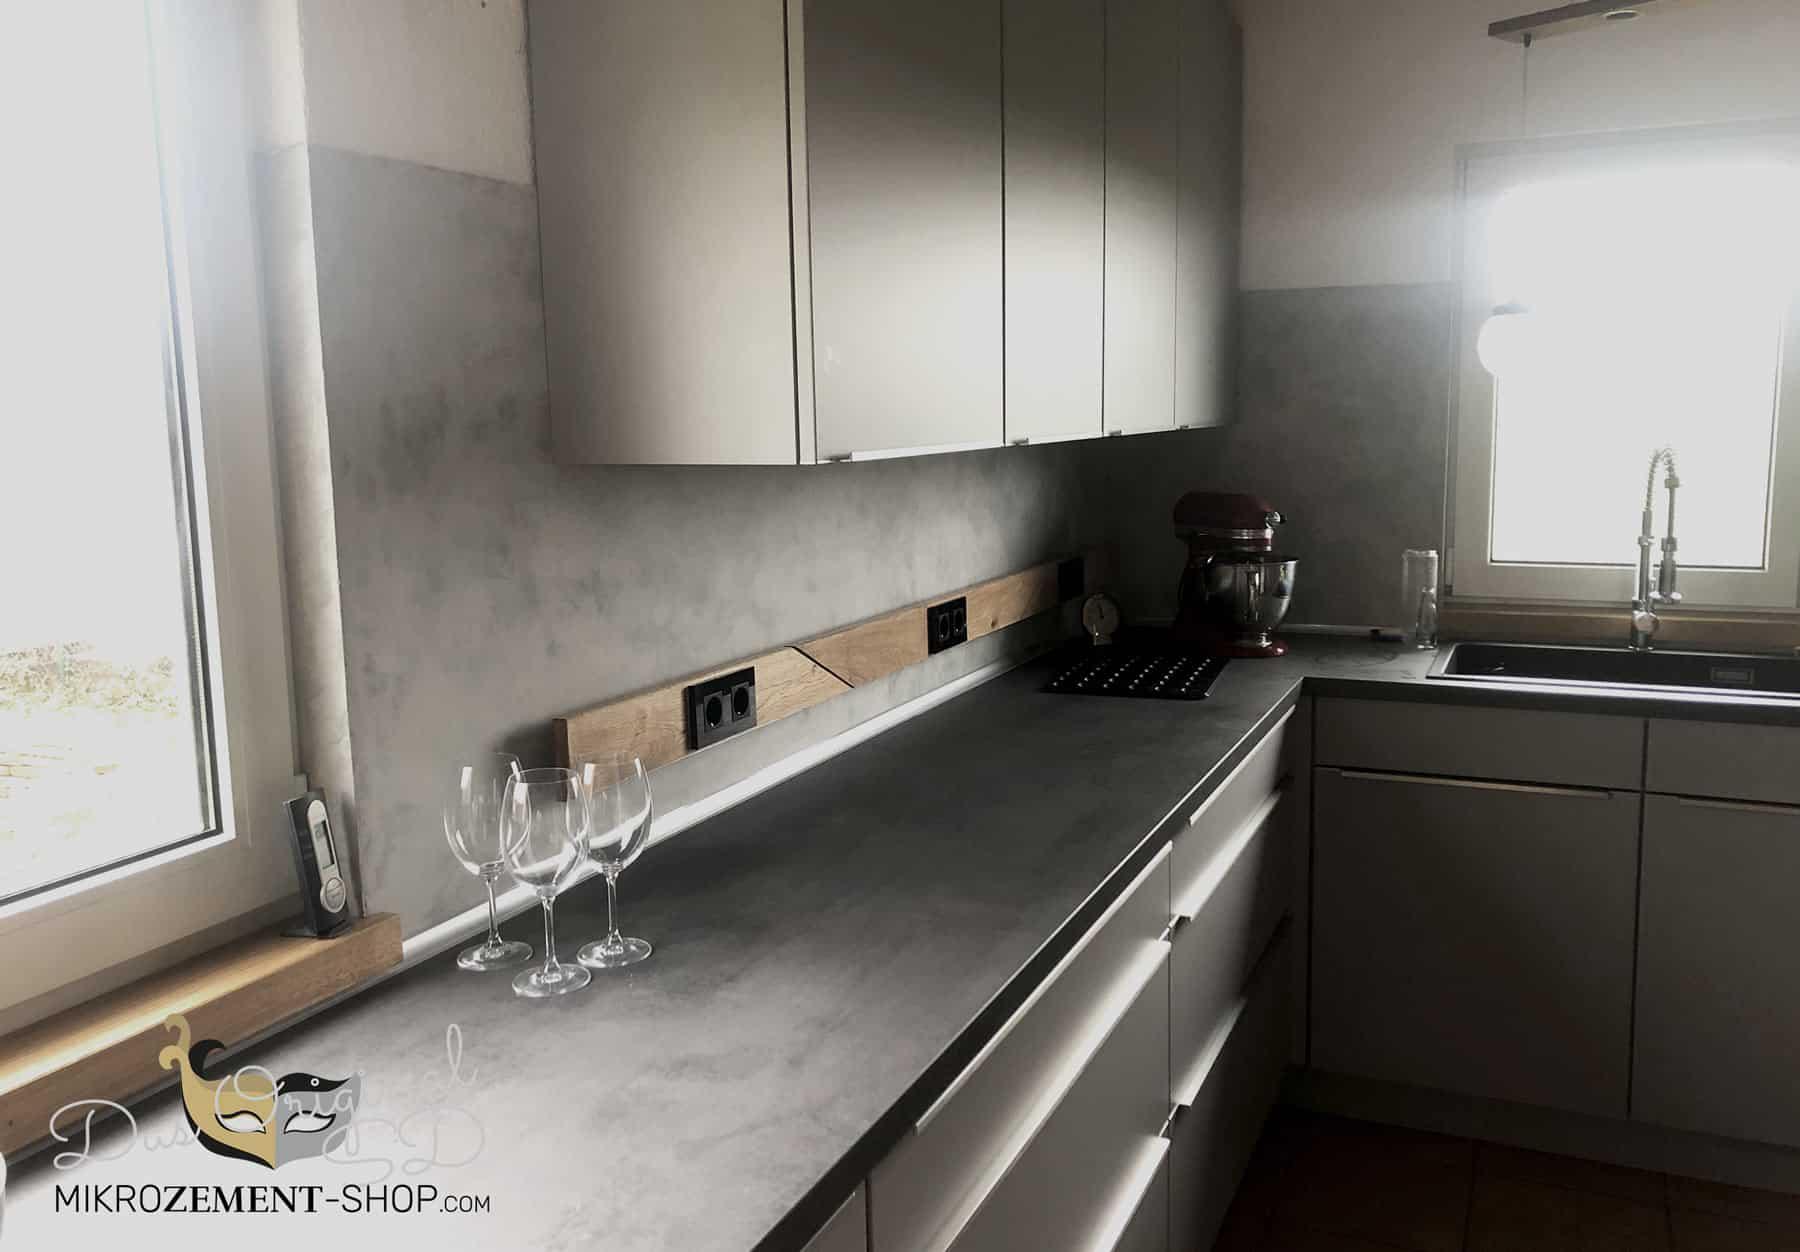 Moderne Mikrozement Küche